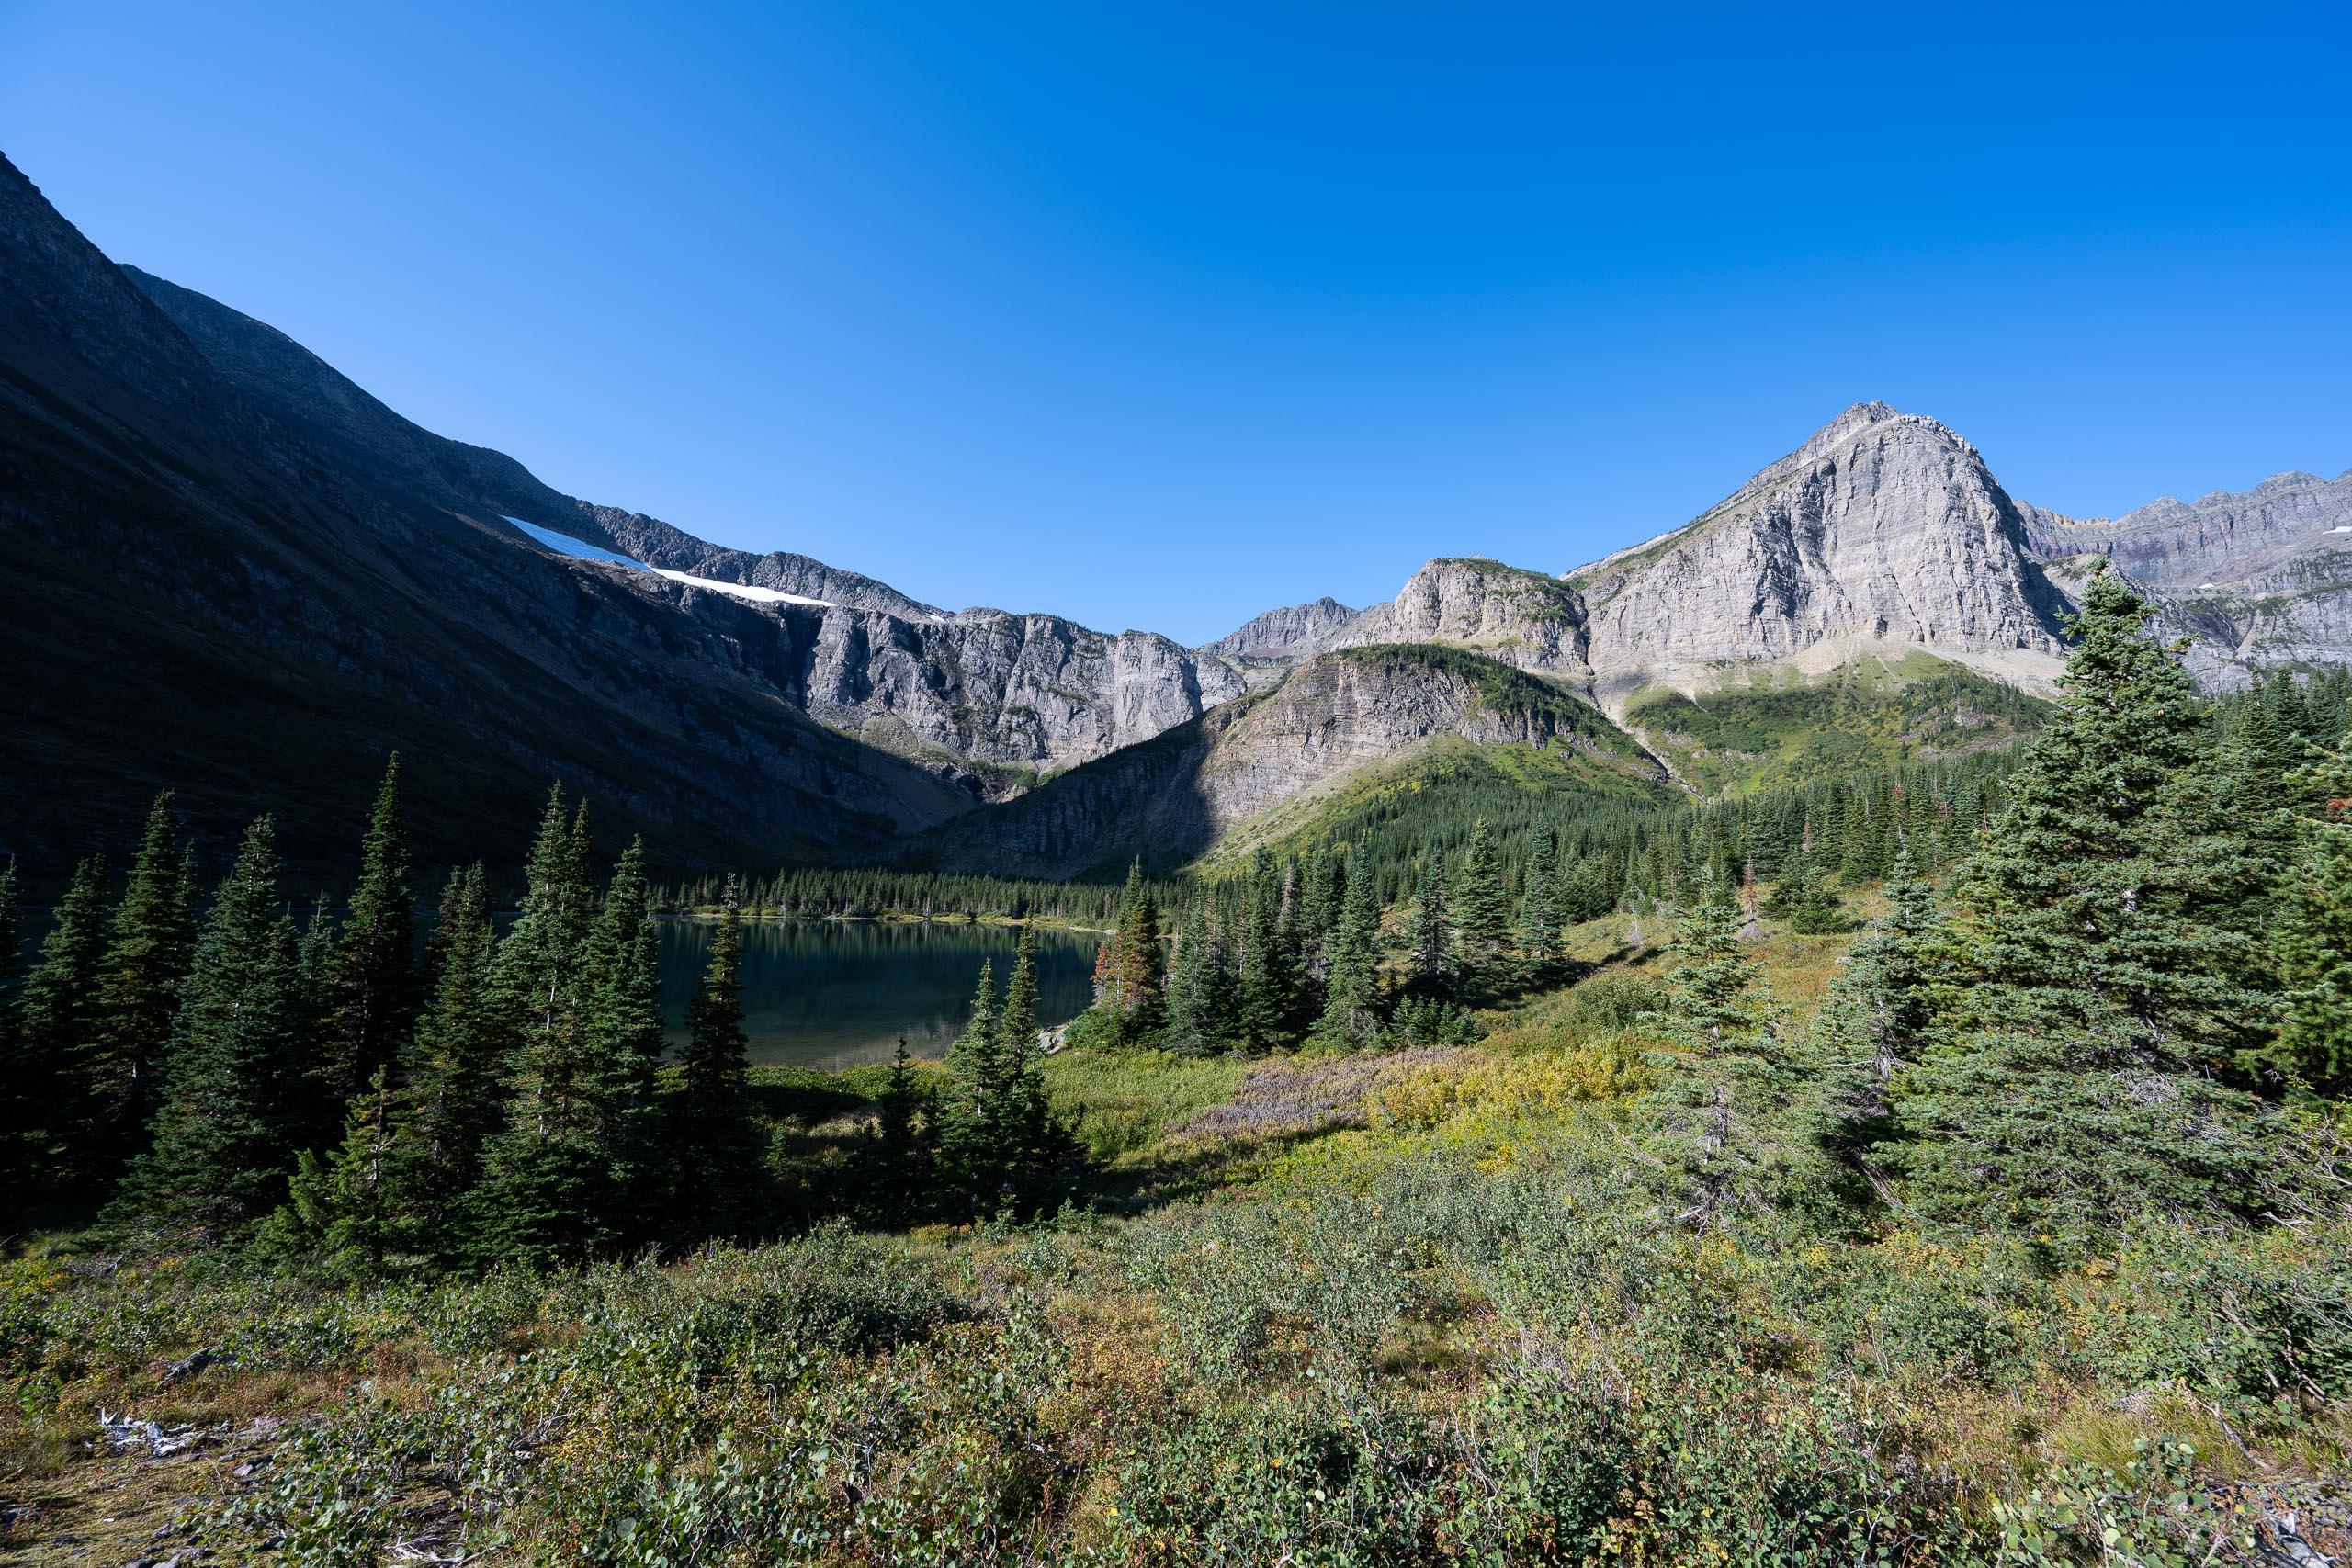 Swiftcurrent Creek Valley